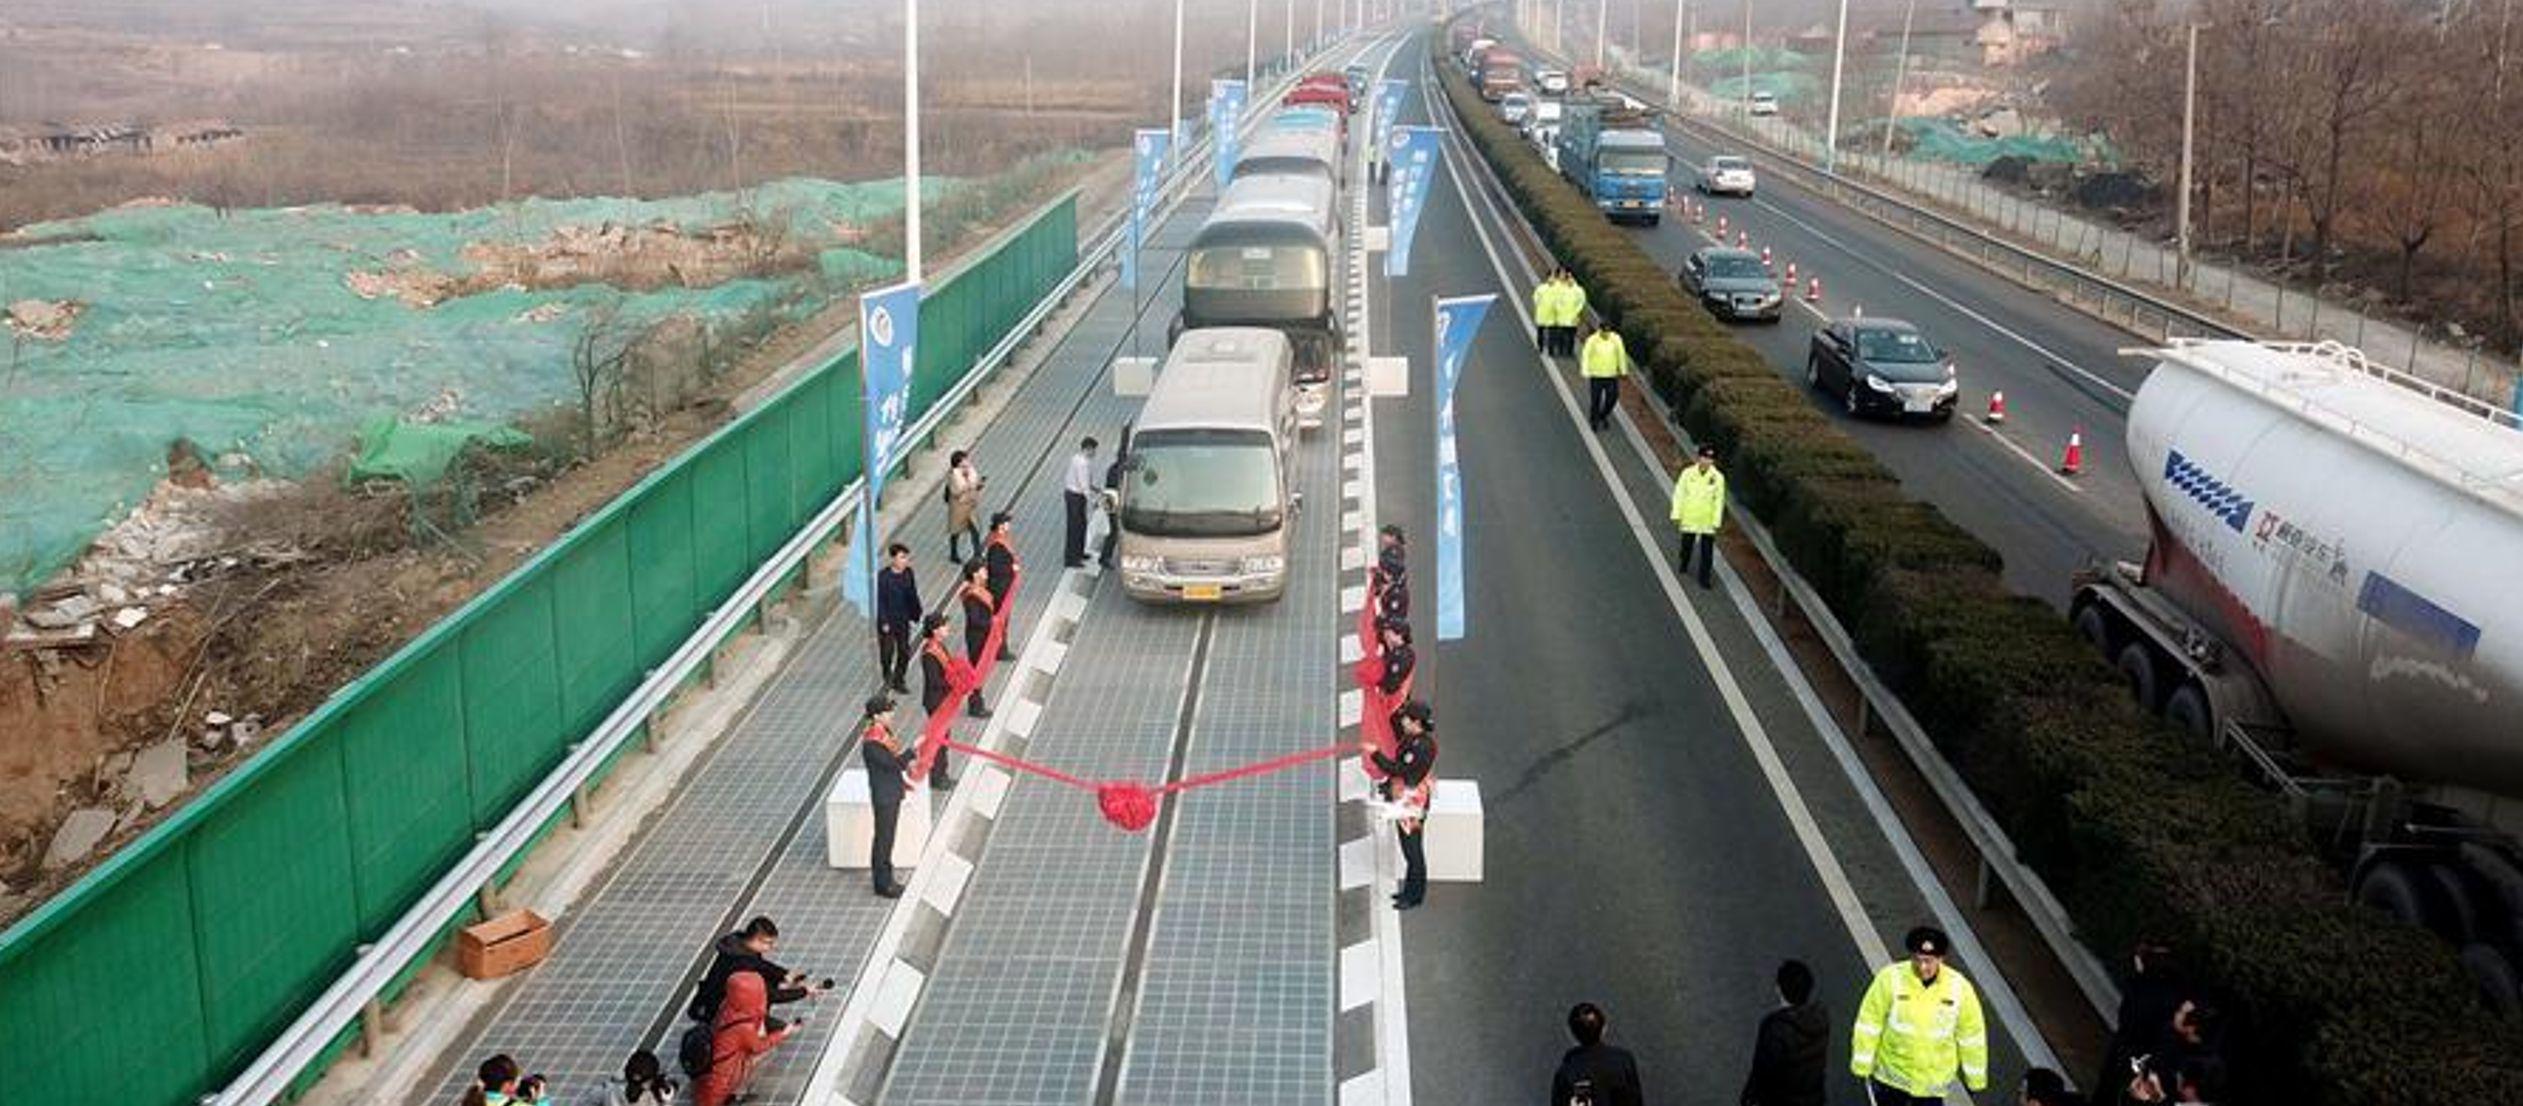 Es una carretera difícil de recorrer en auto en cualquier condición. Sin embargo, los...